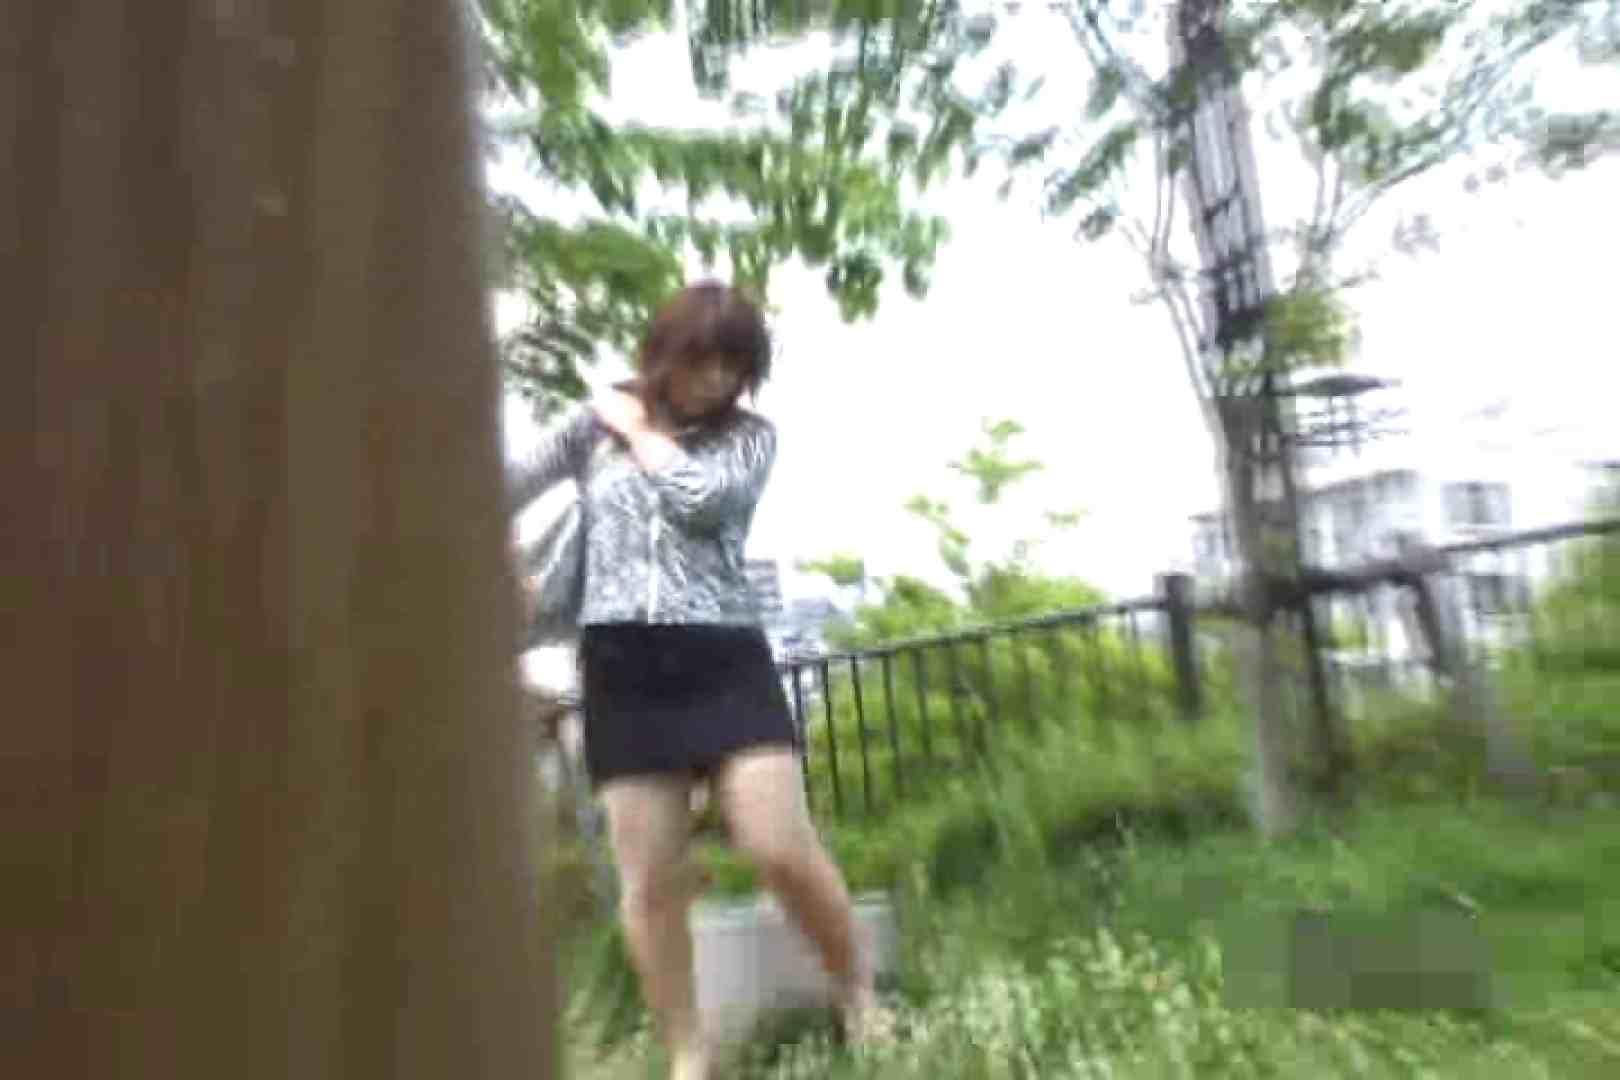 検証!隠し撮りスカートめくり!!Vol.6 ミニスカート SEX無修正画像 77pic 59